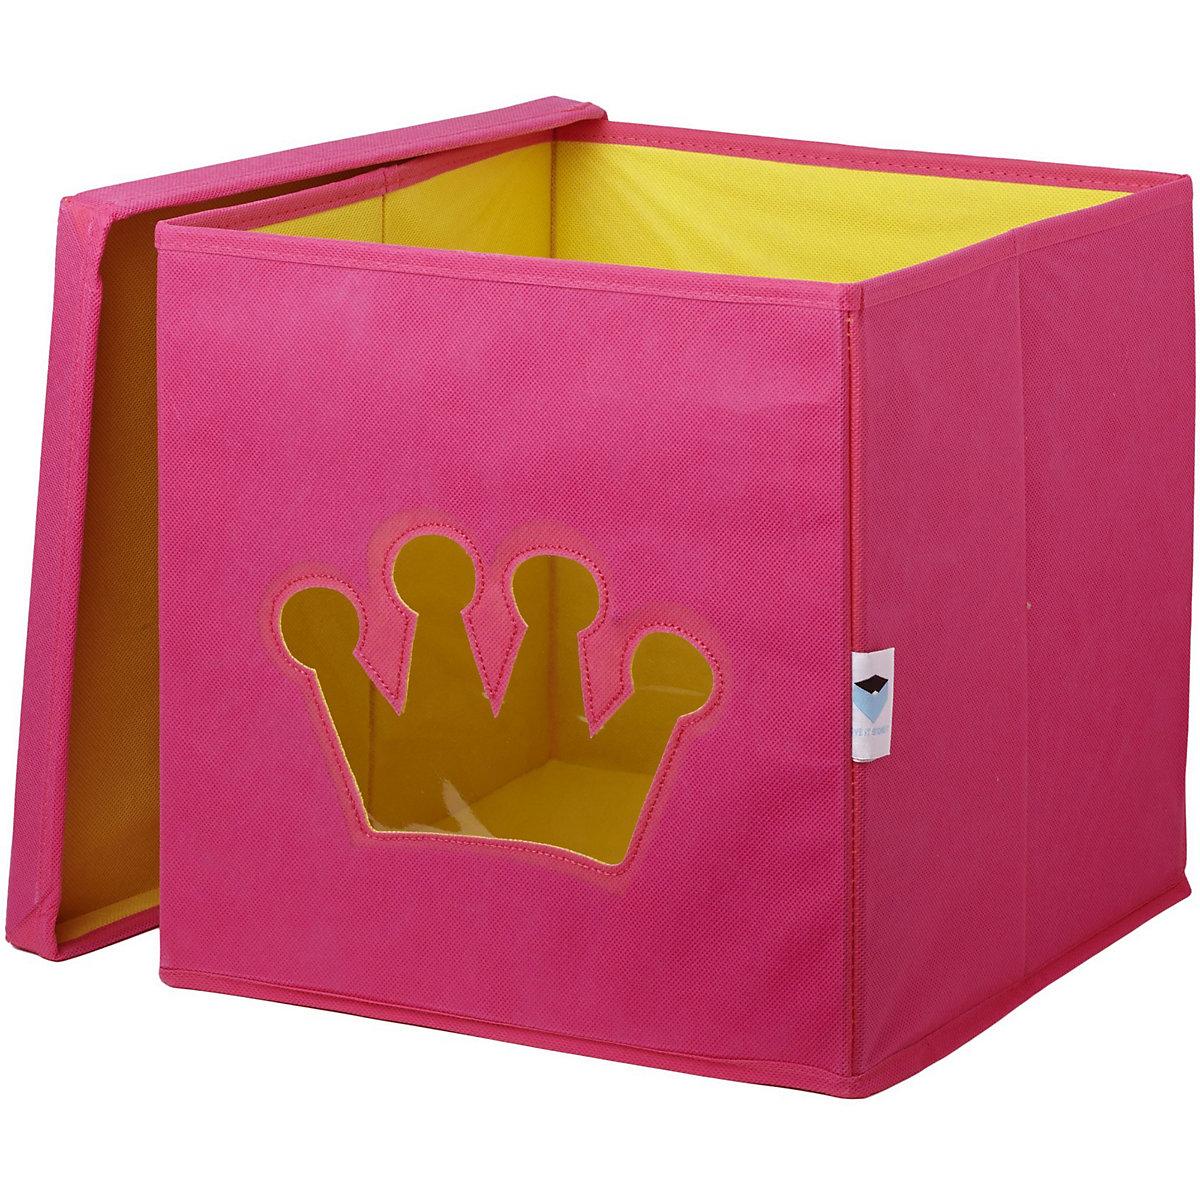 aufbewahrungsbox krone mit sichtfenster rosa store it. Black Bedroom Furniture Sets. Home Design Ideas